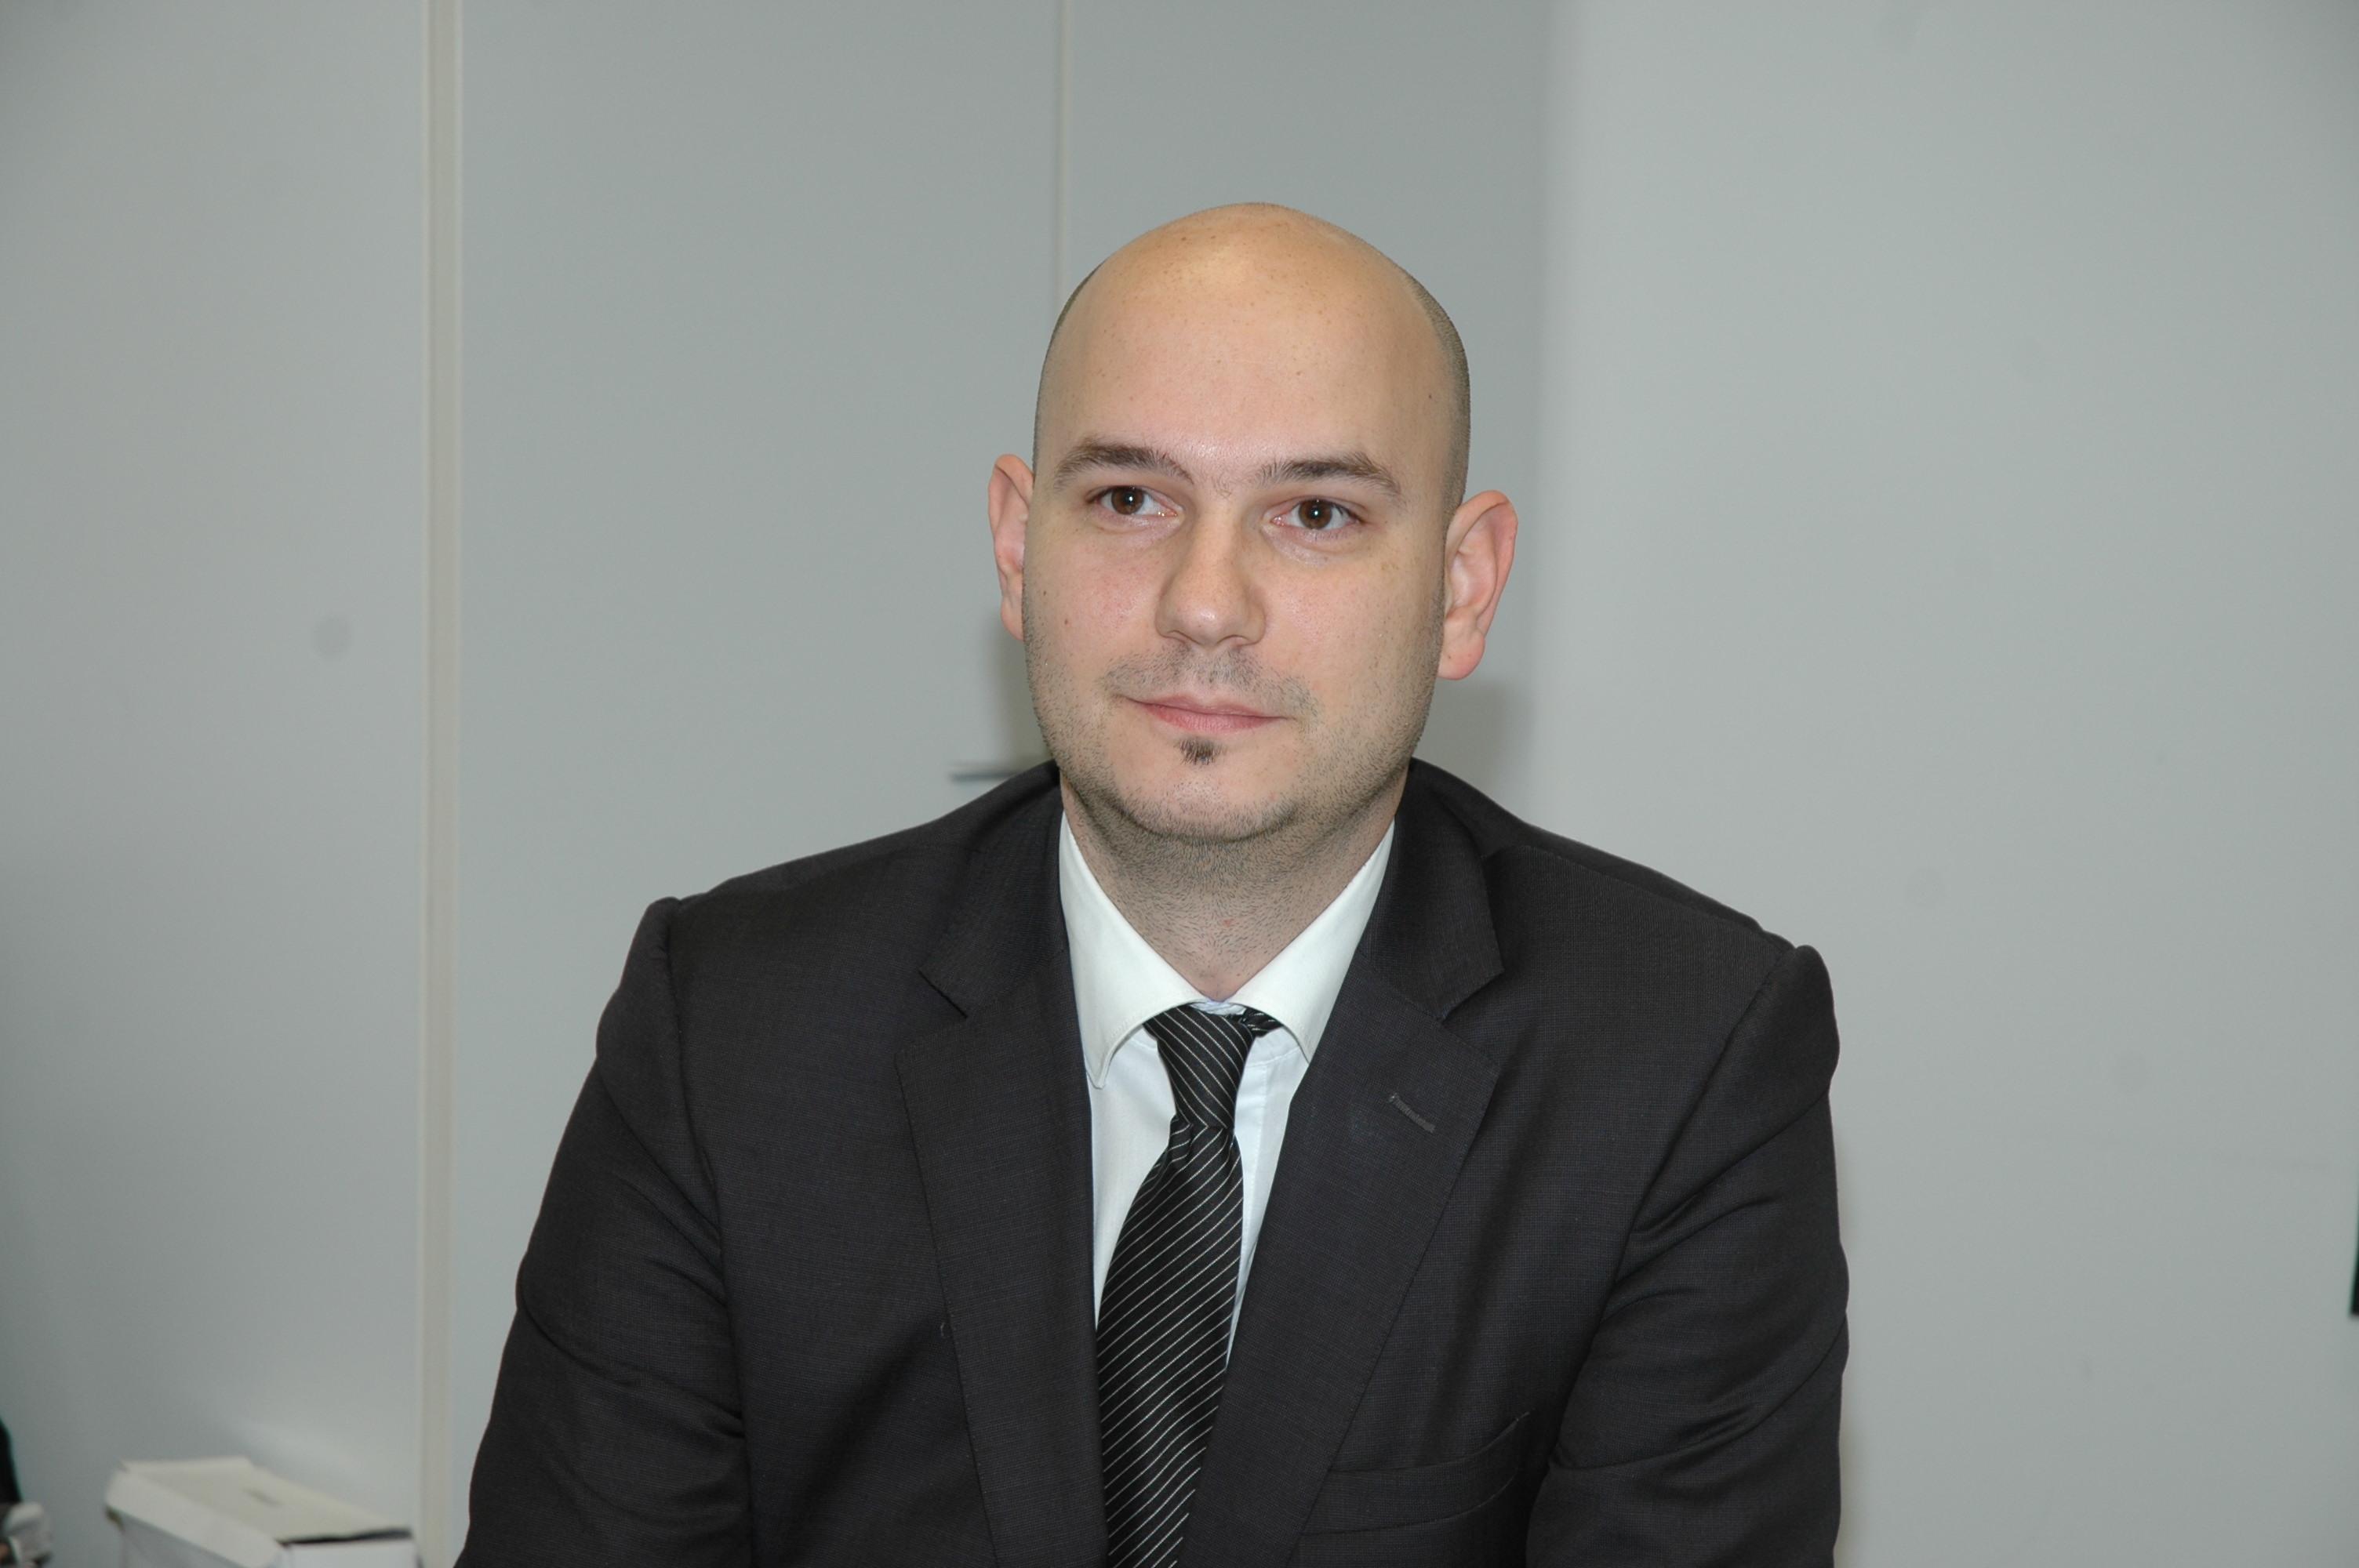 Ante Todorić, Deloitte